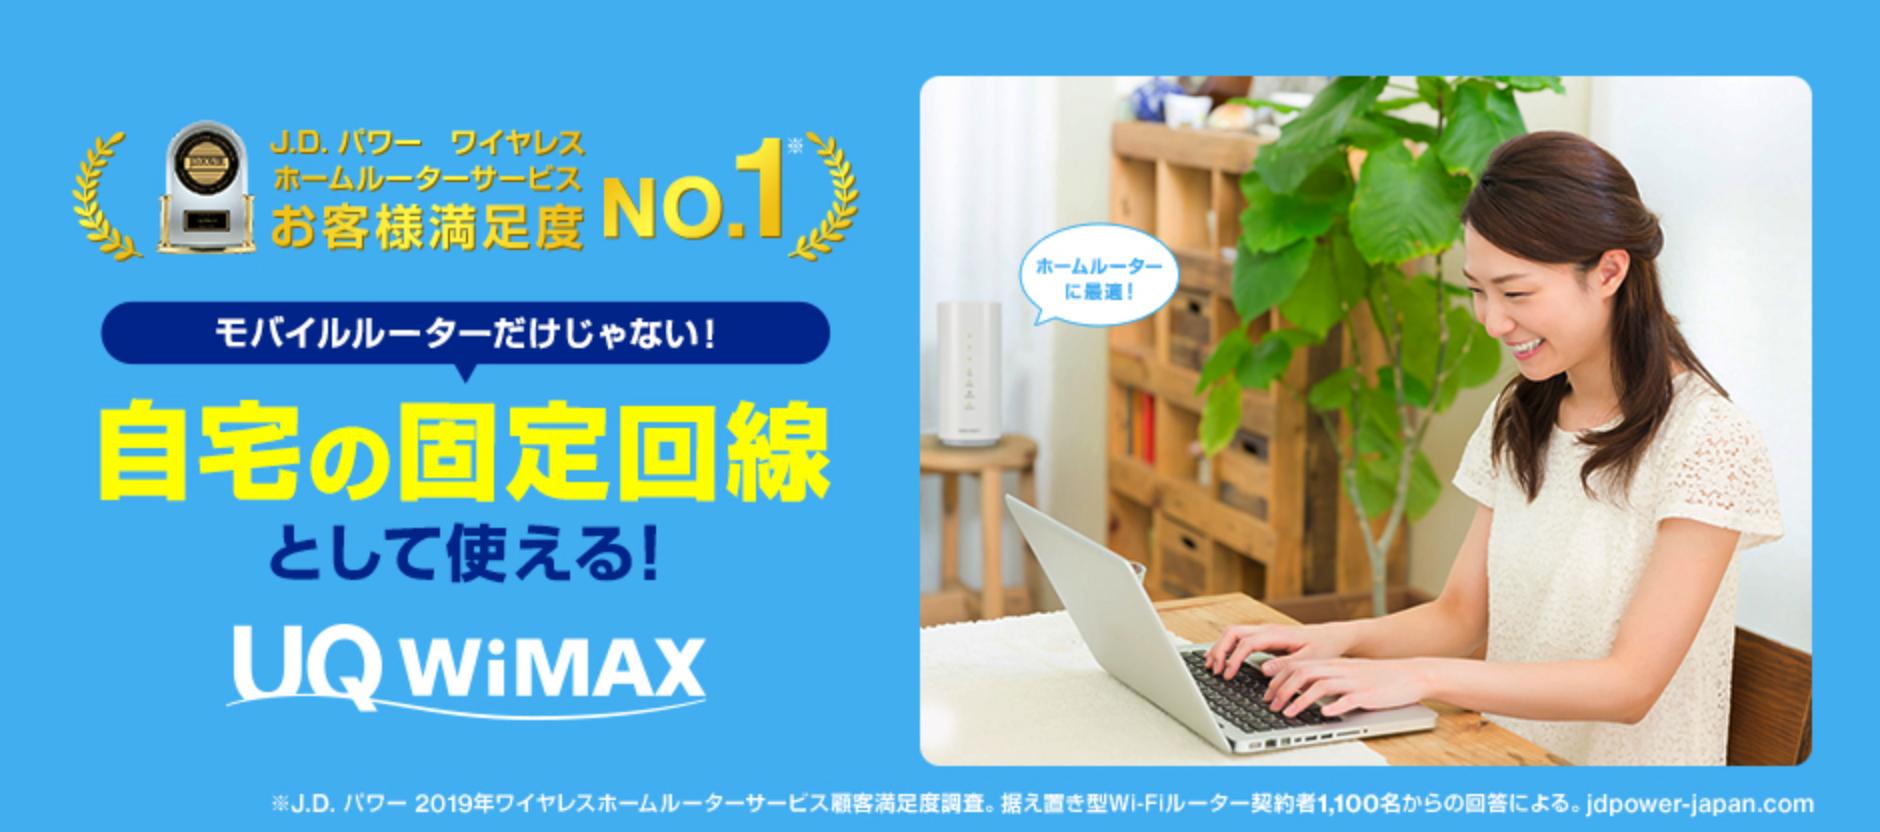 UQ WiMAXの公式キャンペーン